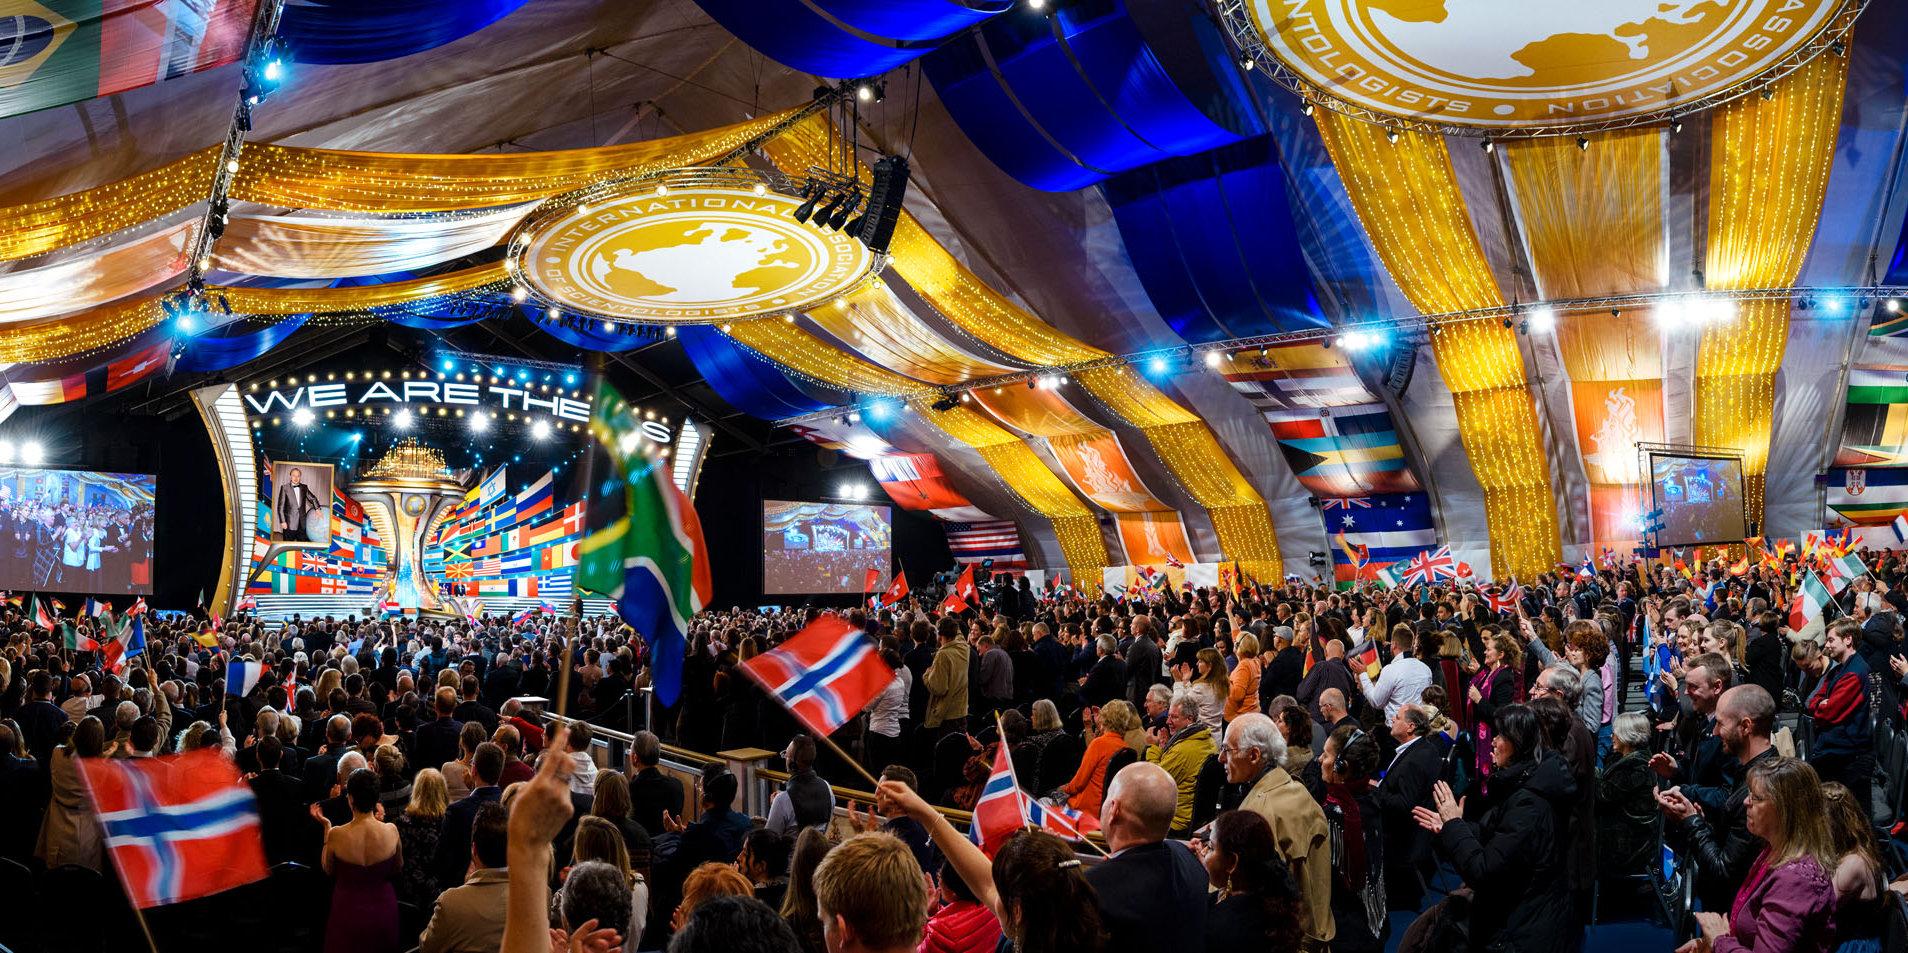 Aniversario de la Asociación Internacional de Scientologists